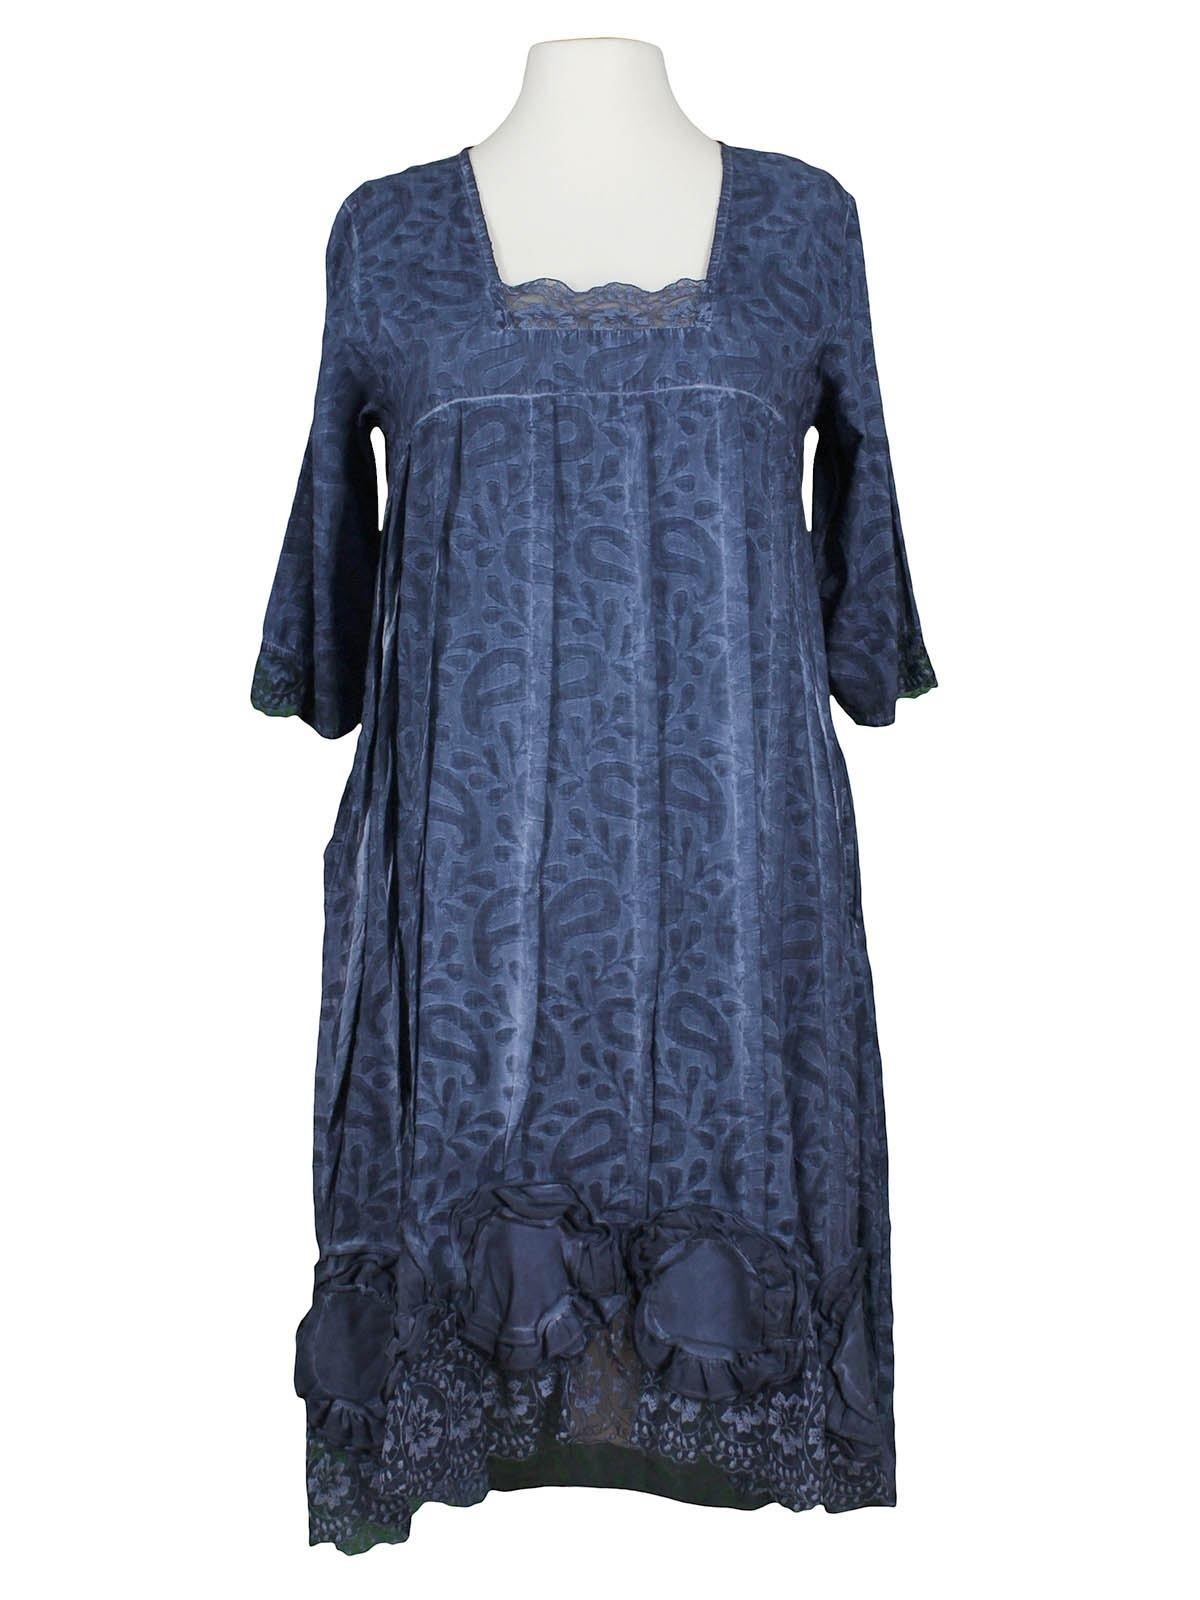 Formal Luxus Kleid Blau Mit Spitze ÄrmelAbend Leicht Kleid Blau Mit Spitze Stylish